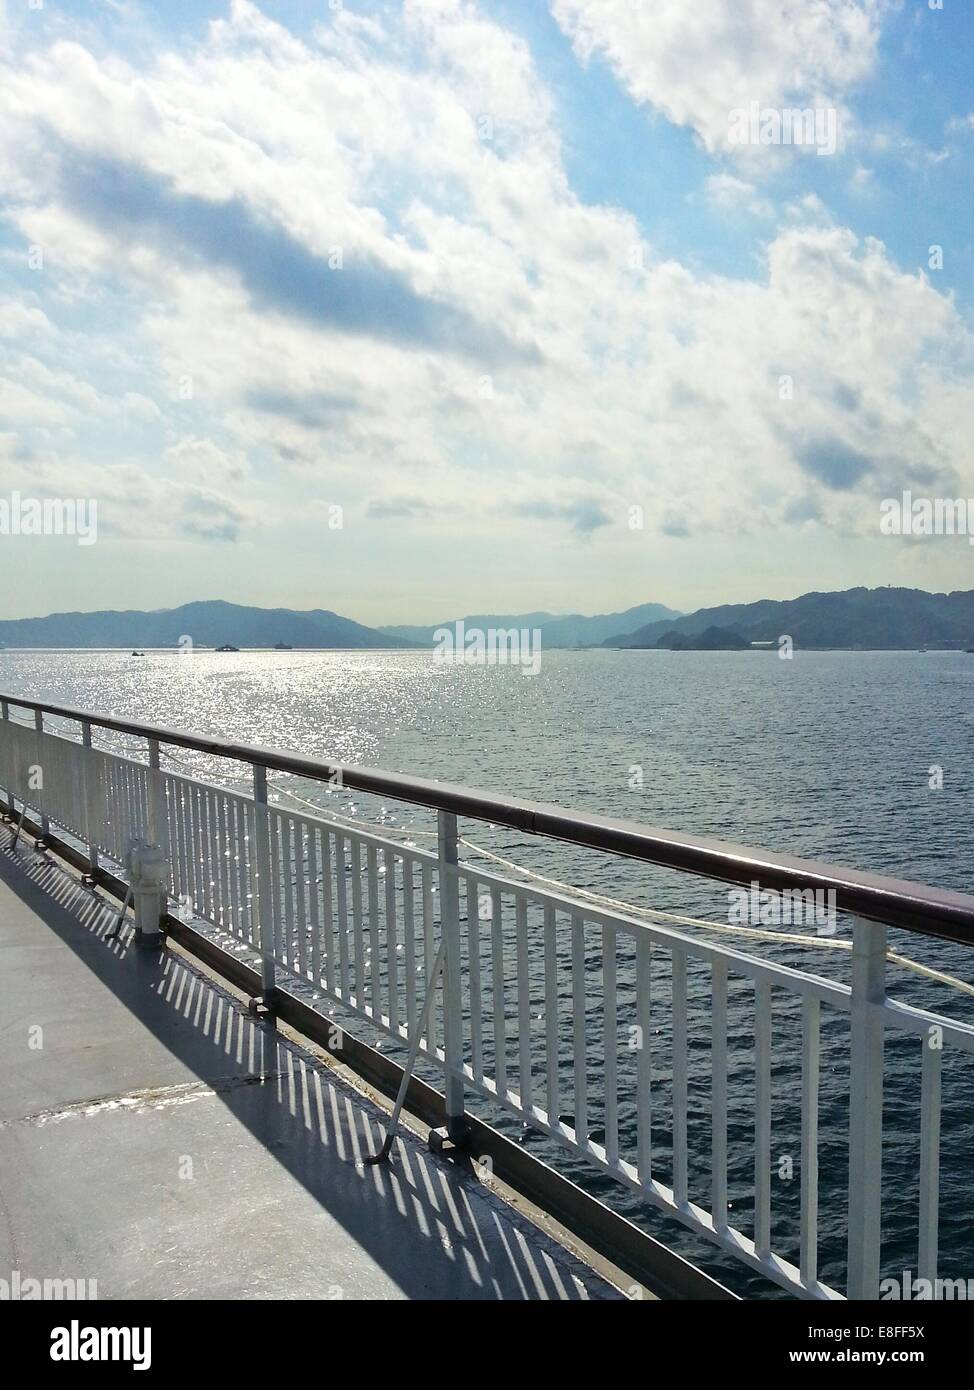 Blick auf das Meer vom Schiff Stockbild